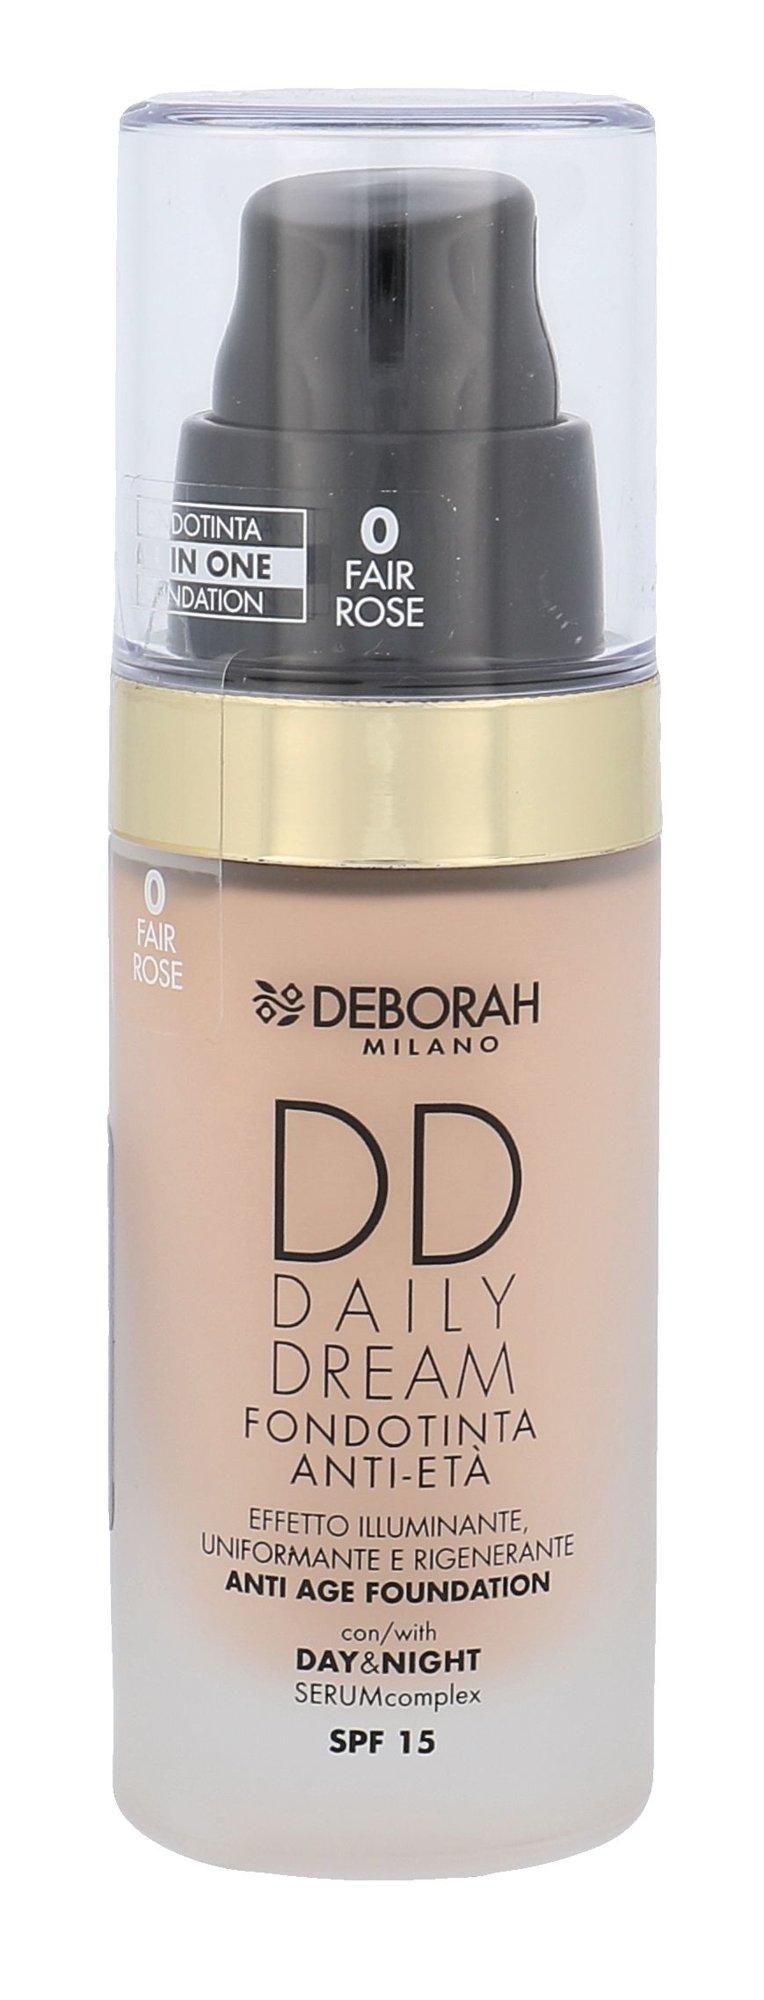 Deborah Milano DD Daily Dream Cosmetic 30ml 0 Fair Rose